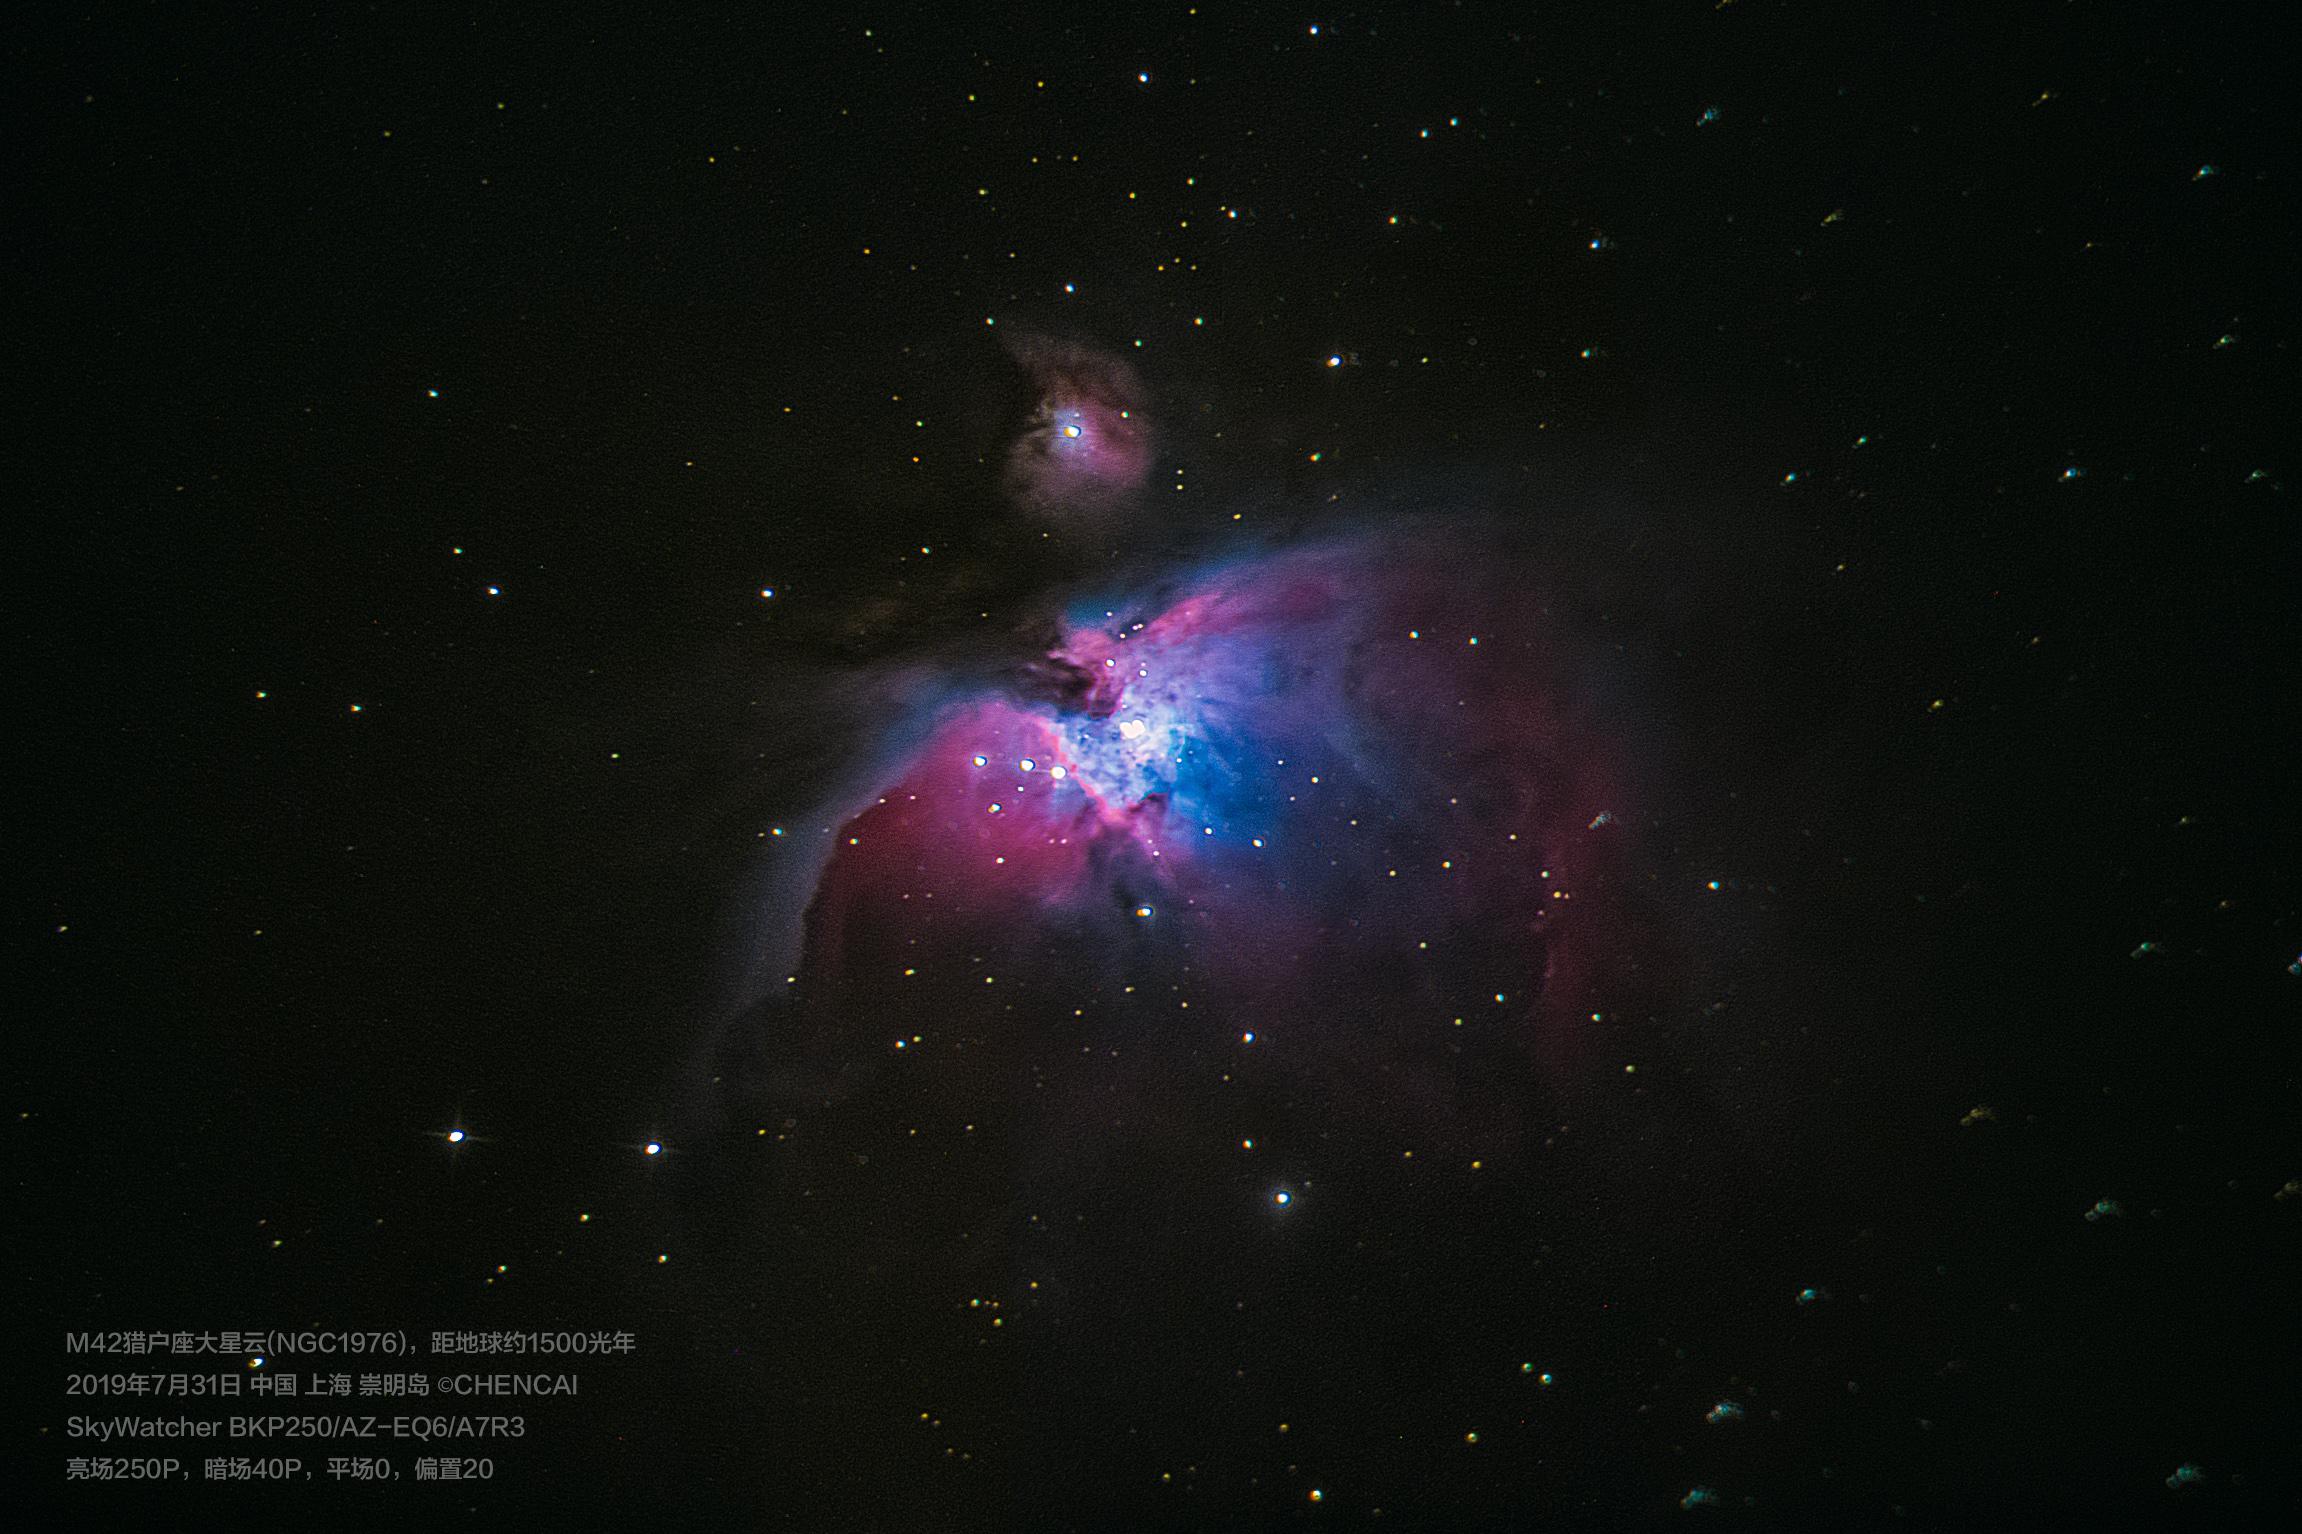 M42猎户座星云.jpg